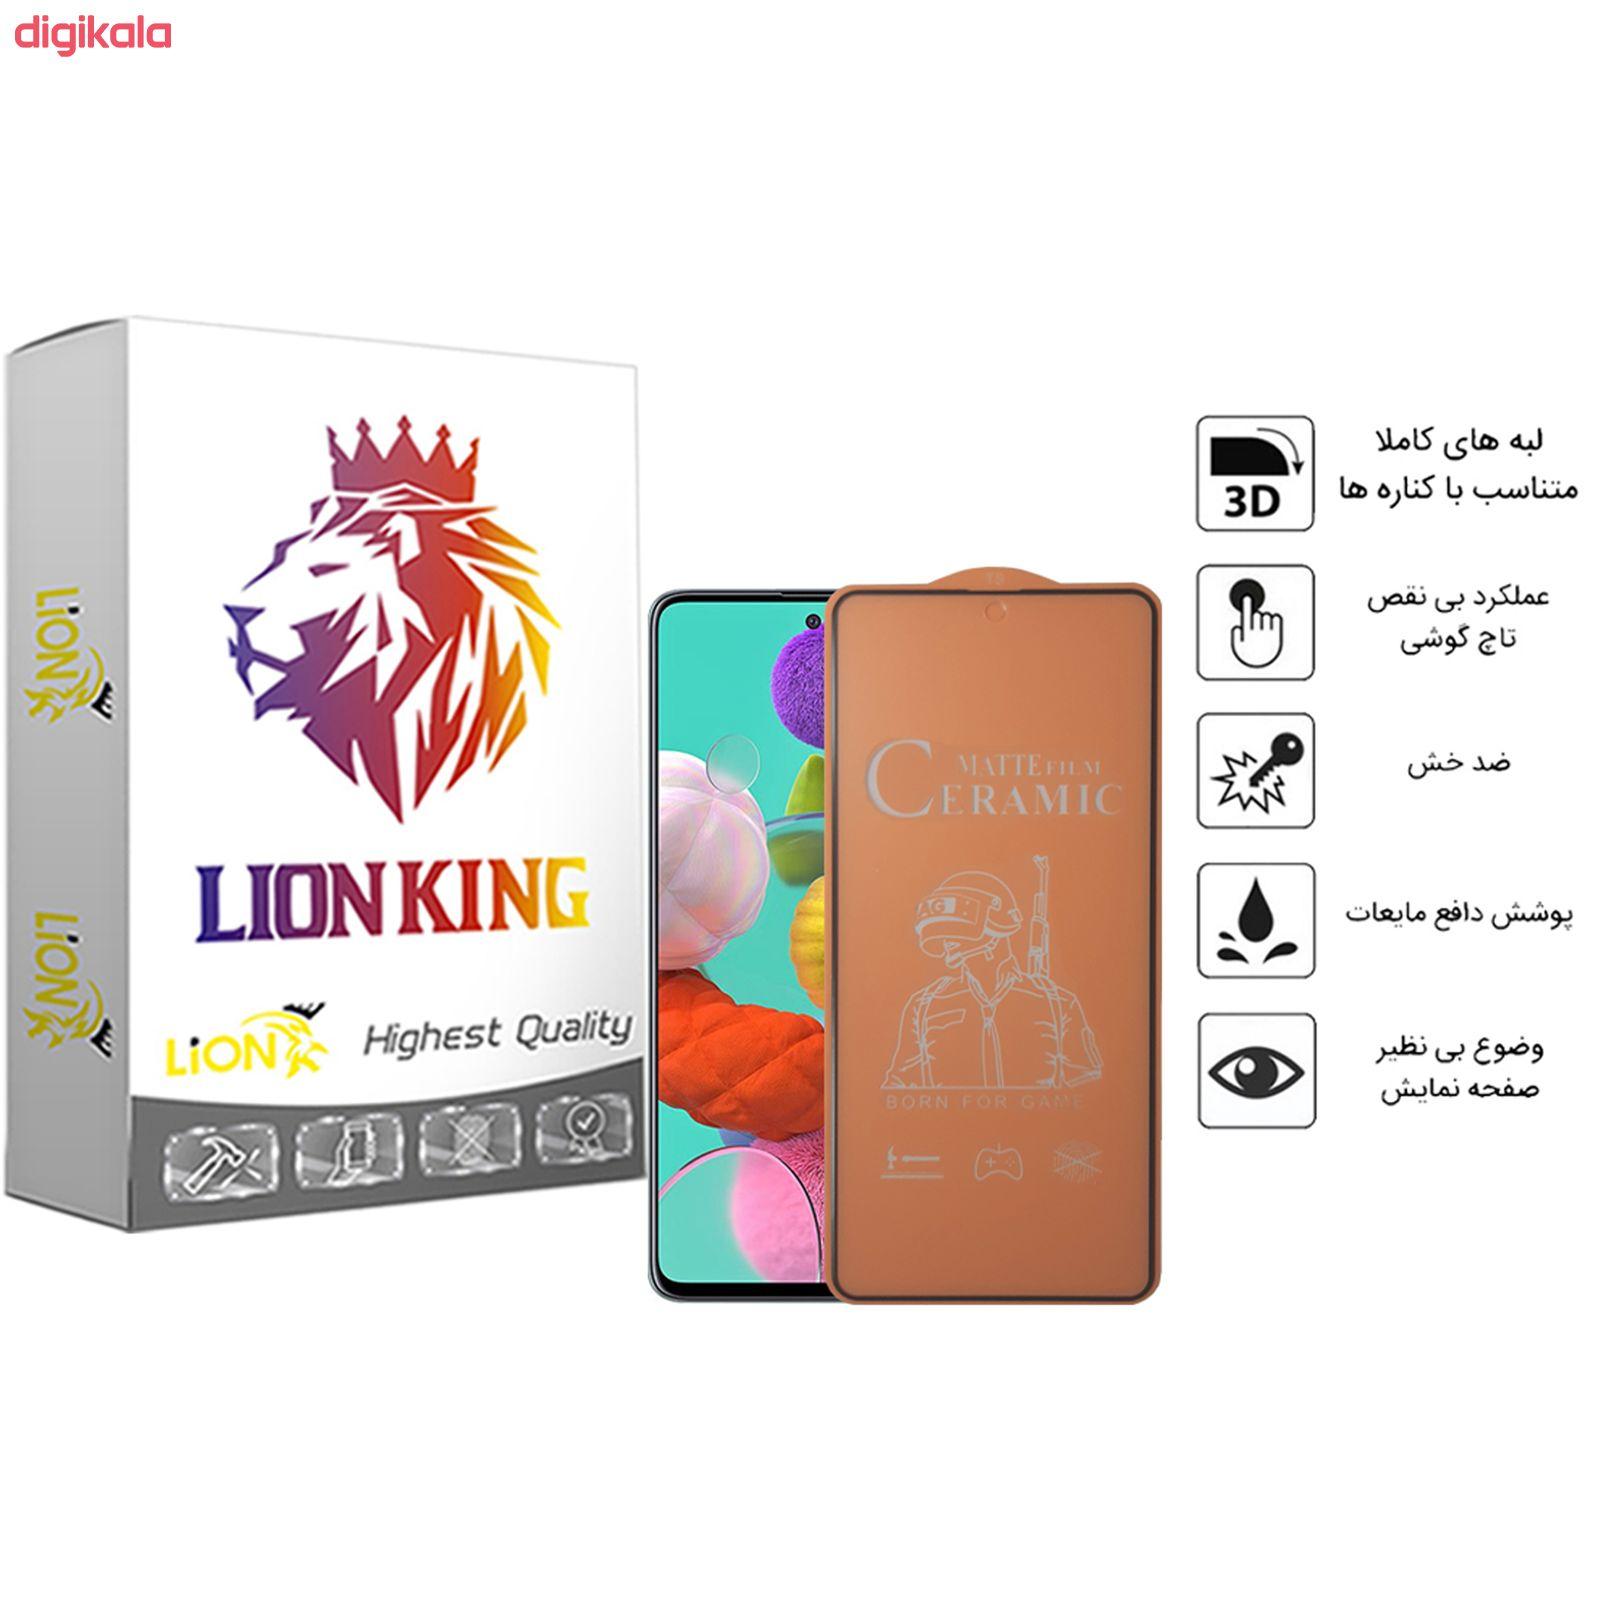 محافظ صفحه نمایش مات لاین کینگ مدل LKFC مناسب برای گوشی موبایل سامسونگ Galaxy A71 main 1 2